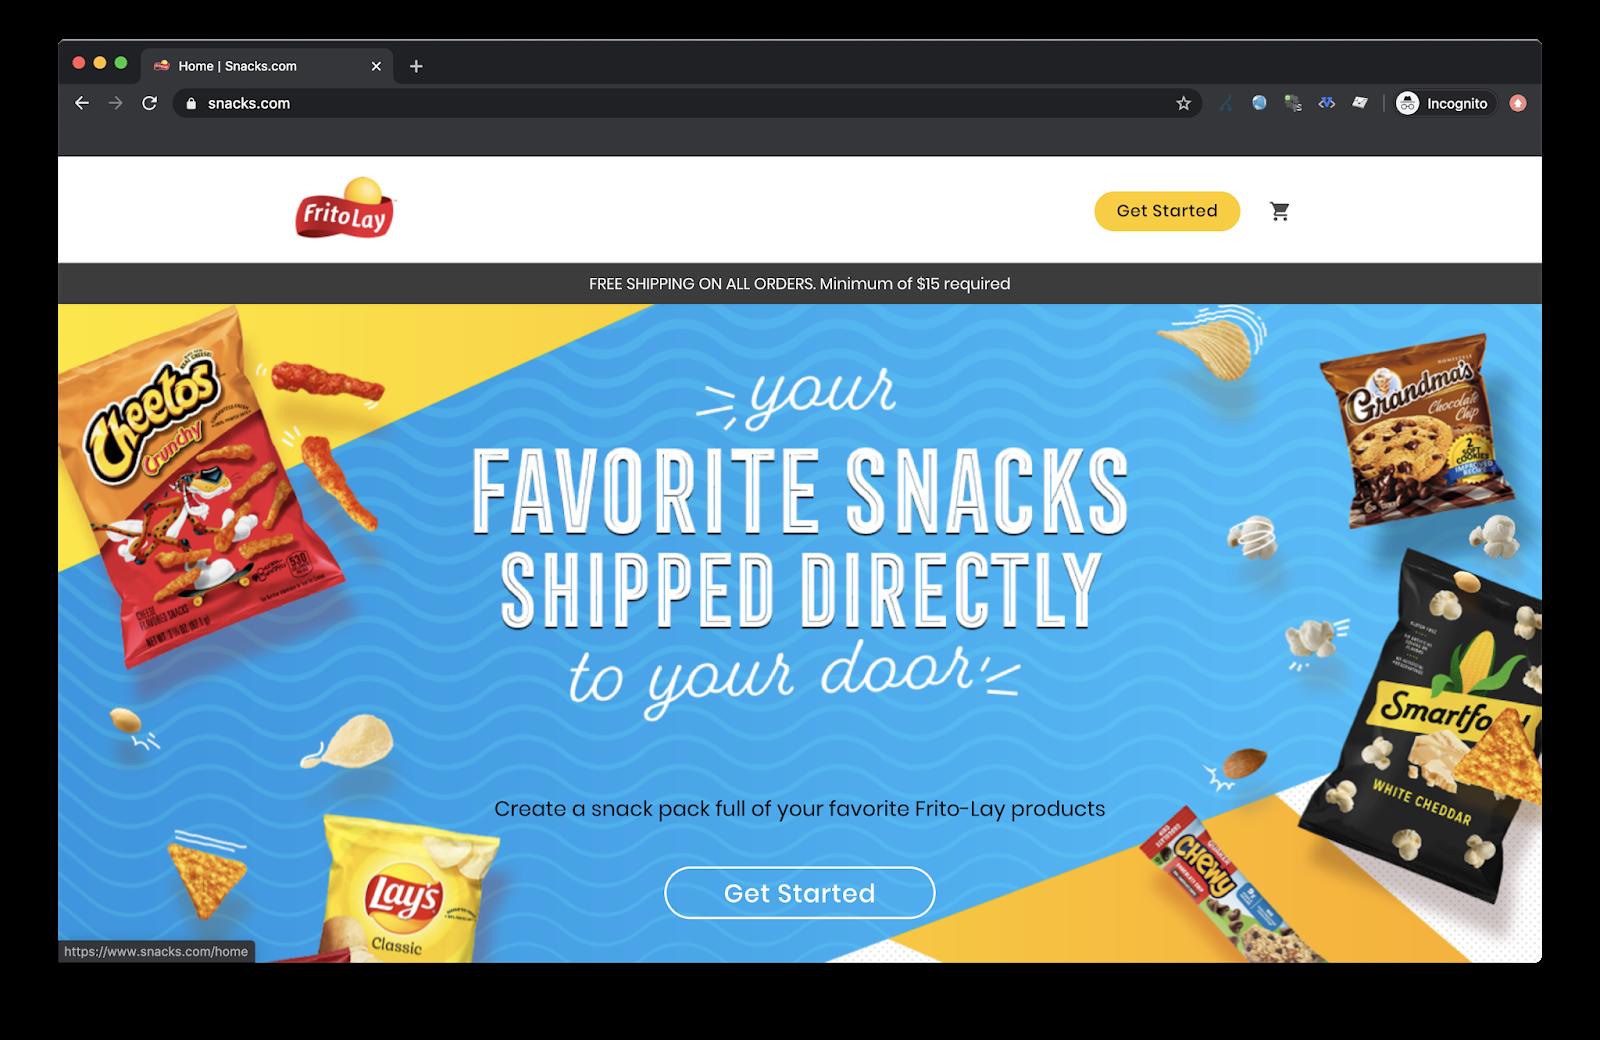 Frito Lay ships snacks home through snacks.com